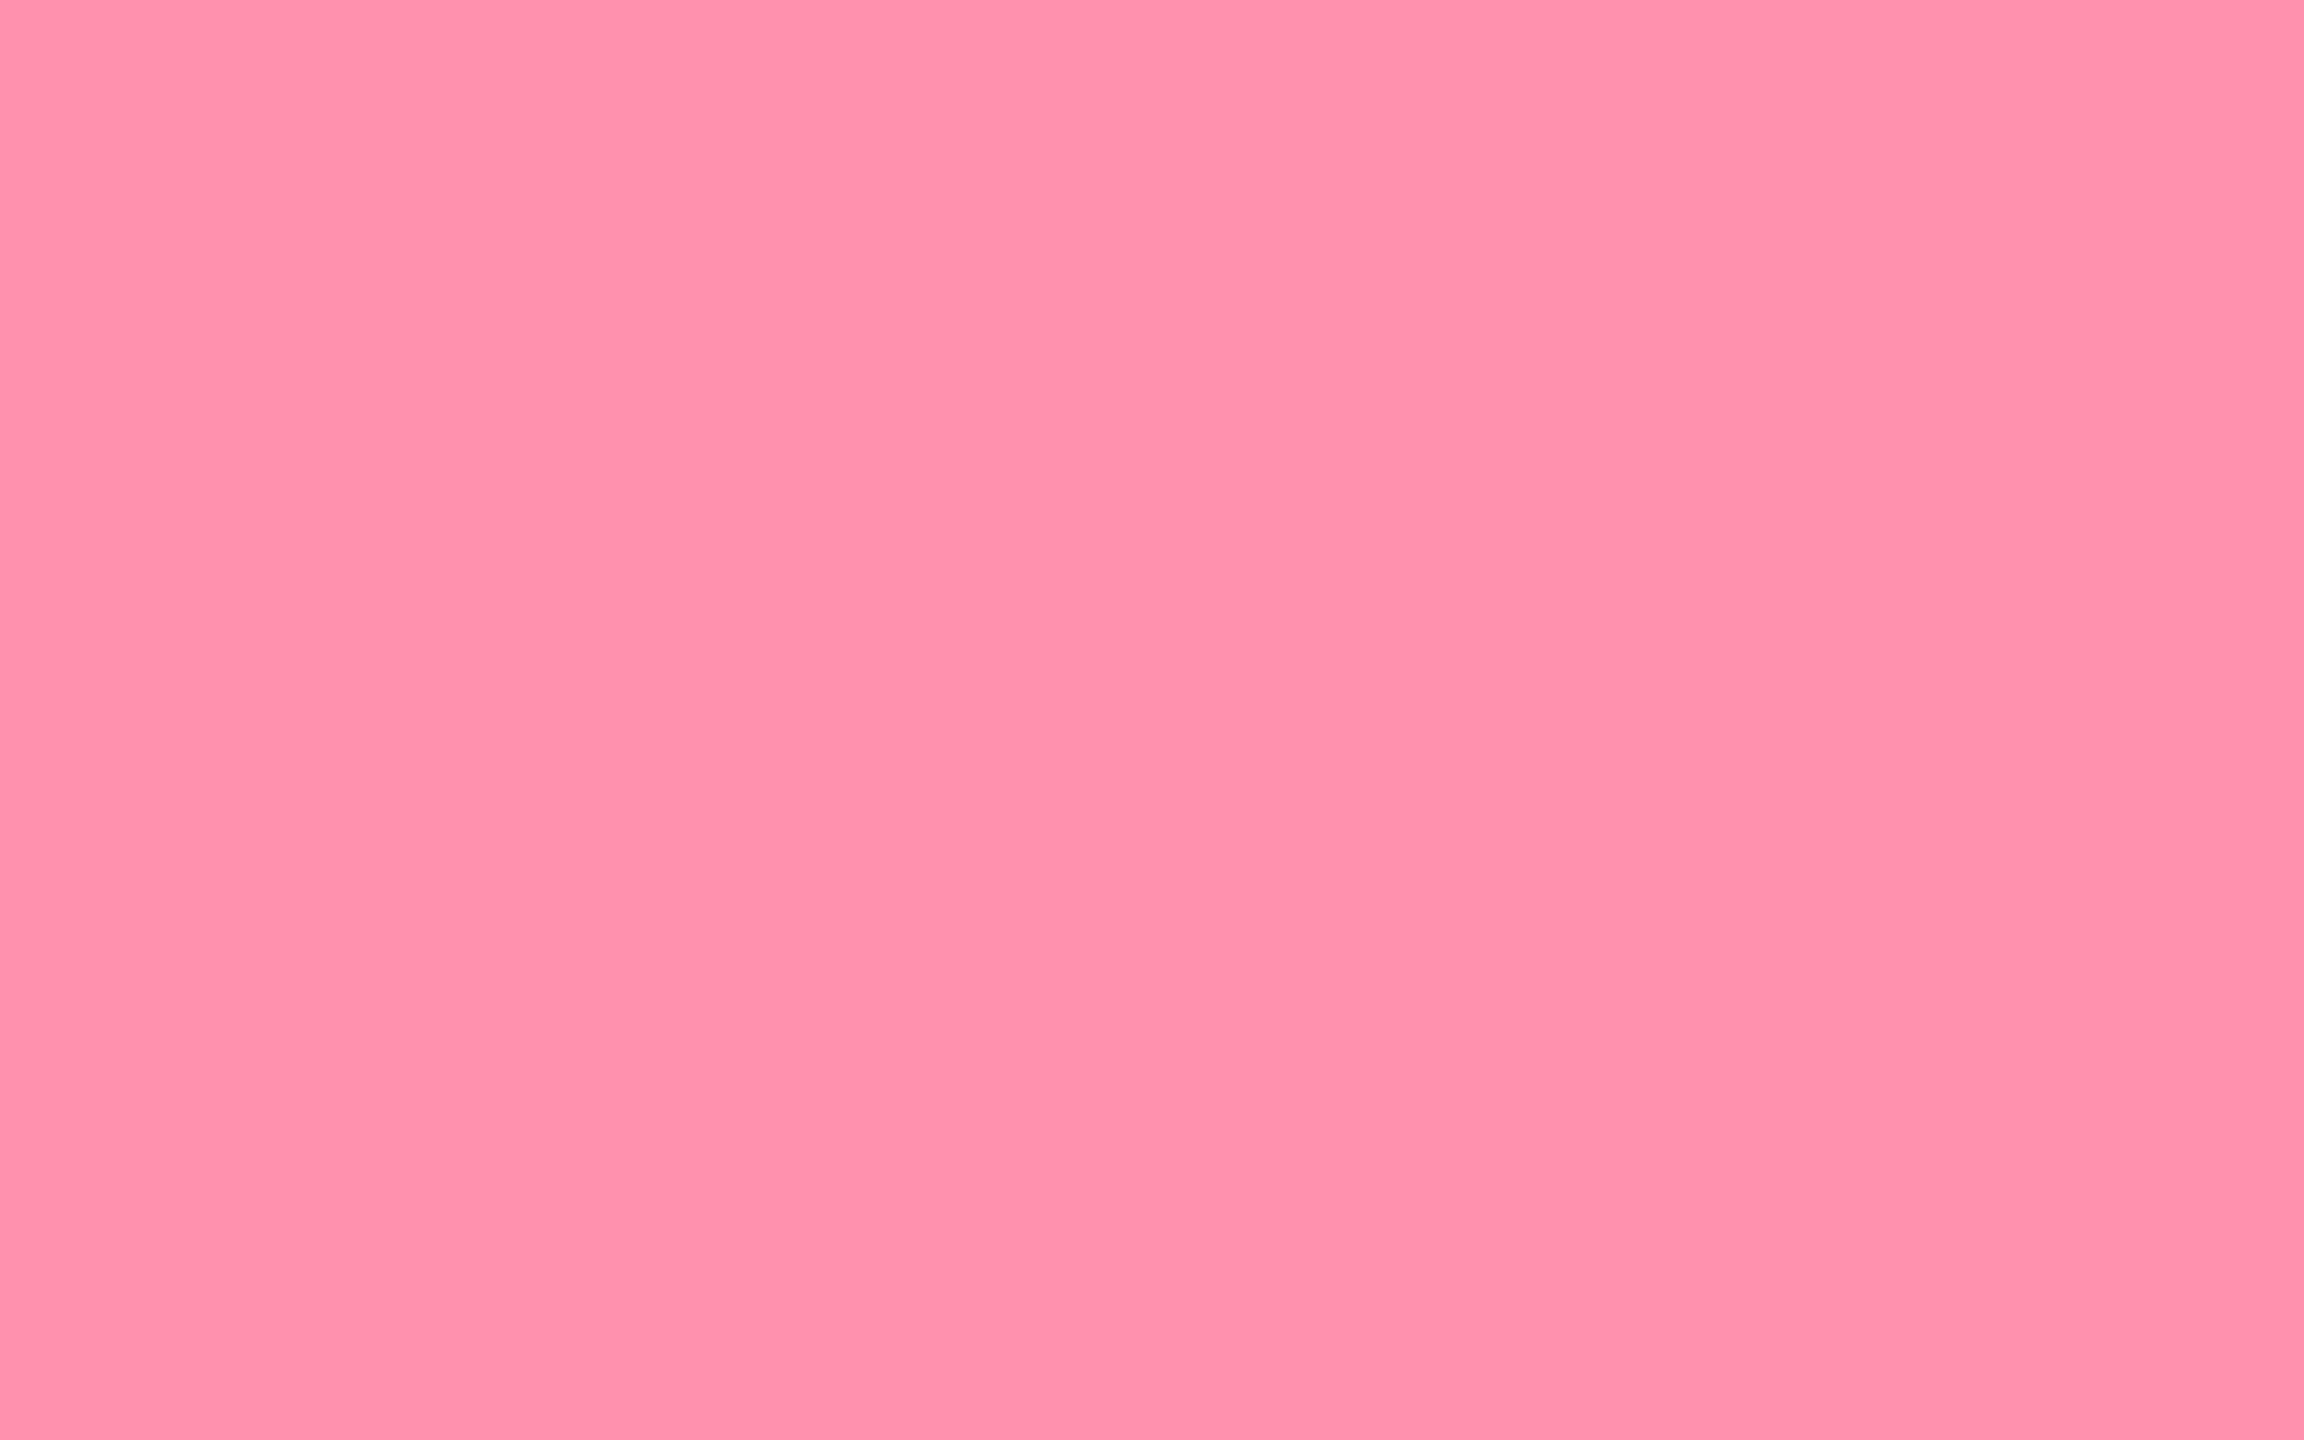 2304x1440 Baker-Miller Pink Solid Color Background